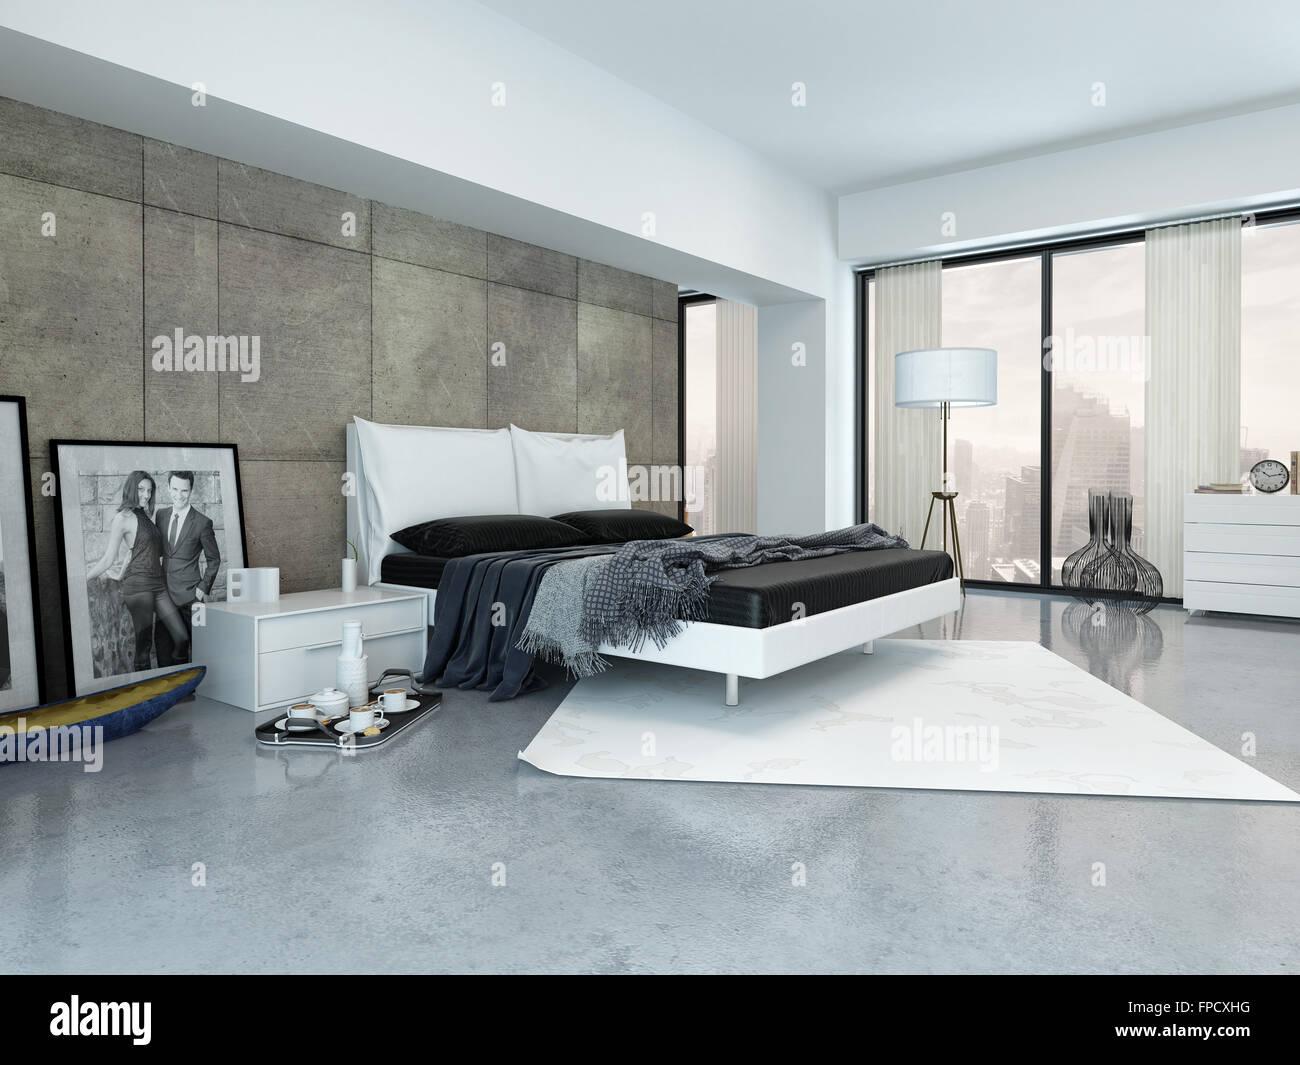 Moderne Schlafzimmer Innenraum mit einer doppelten liege, getäfelten ...